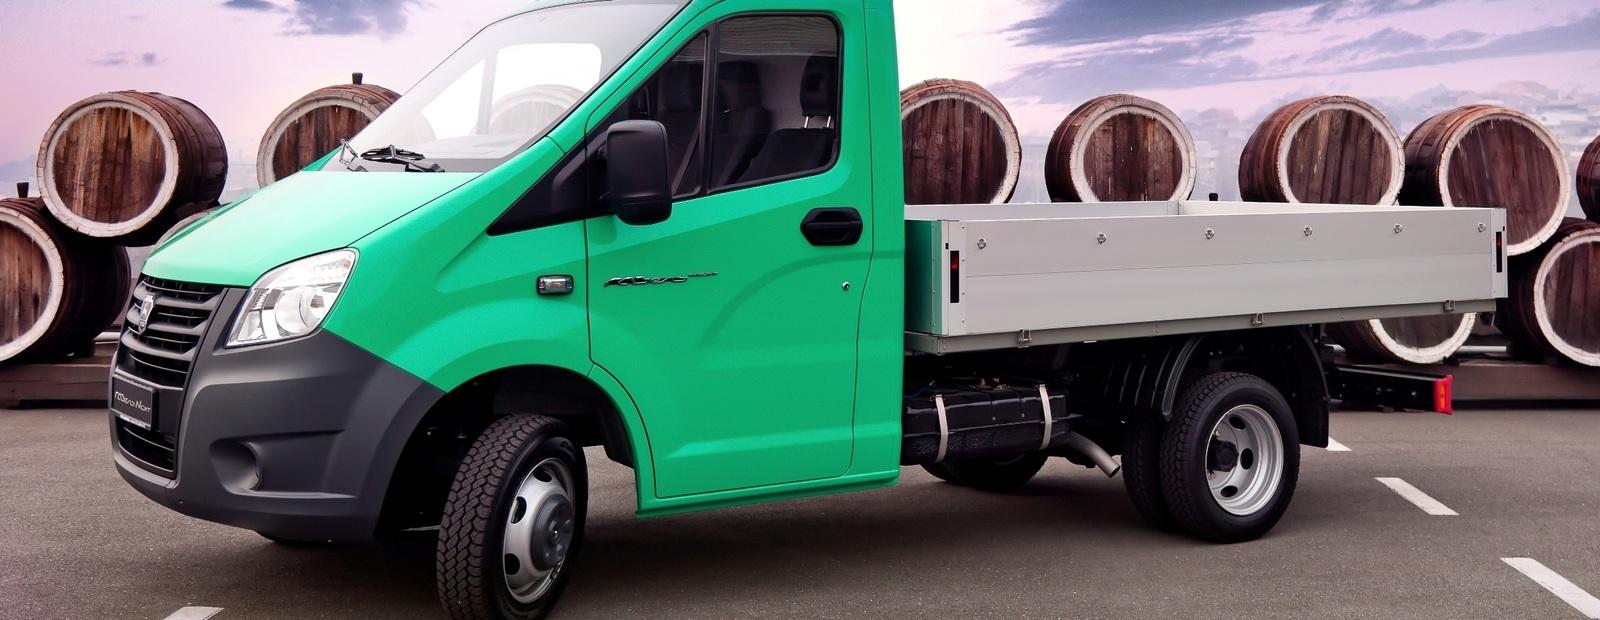 Посчитали-прослезились: замена топливных форсунок на дизельной ГАЗели NEXT